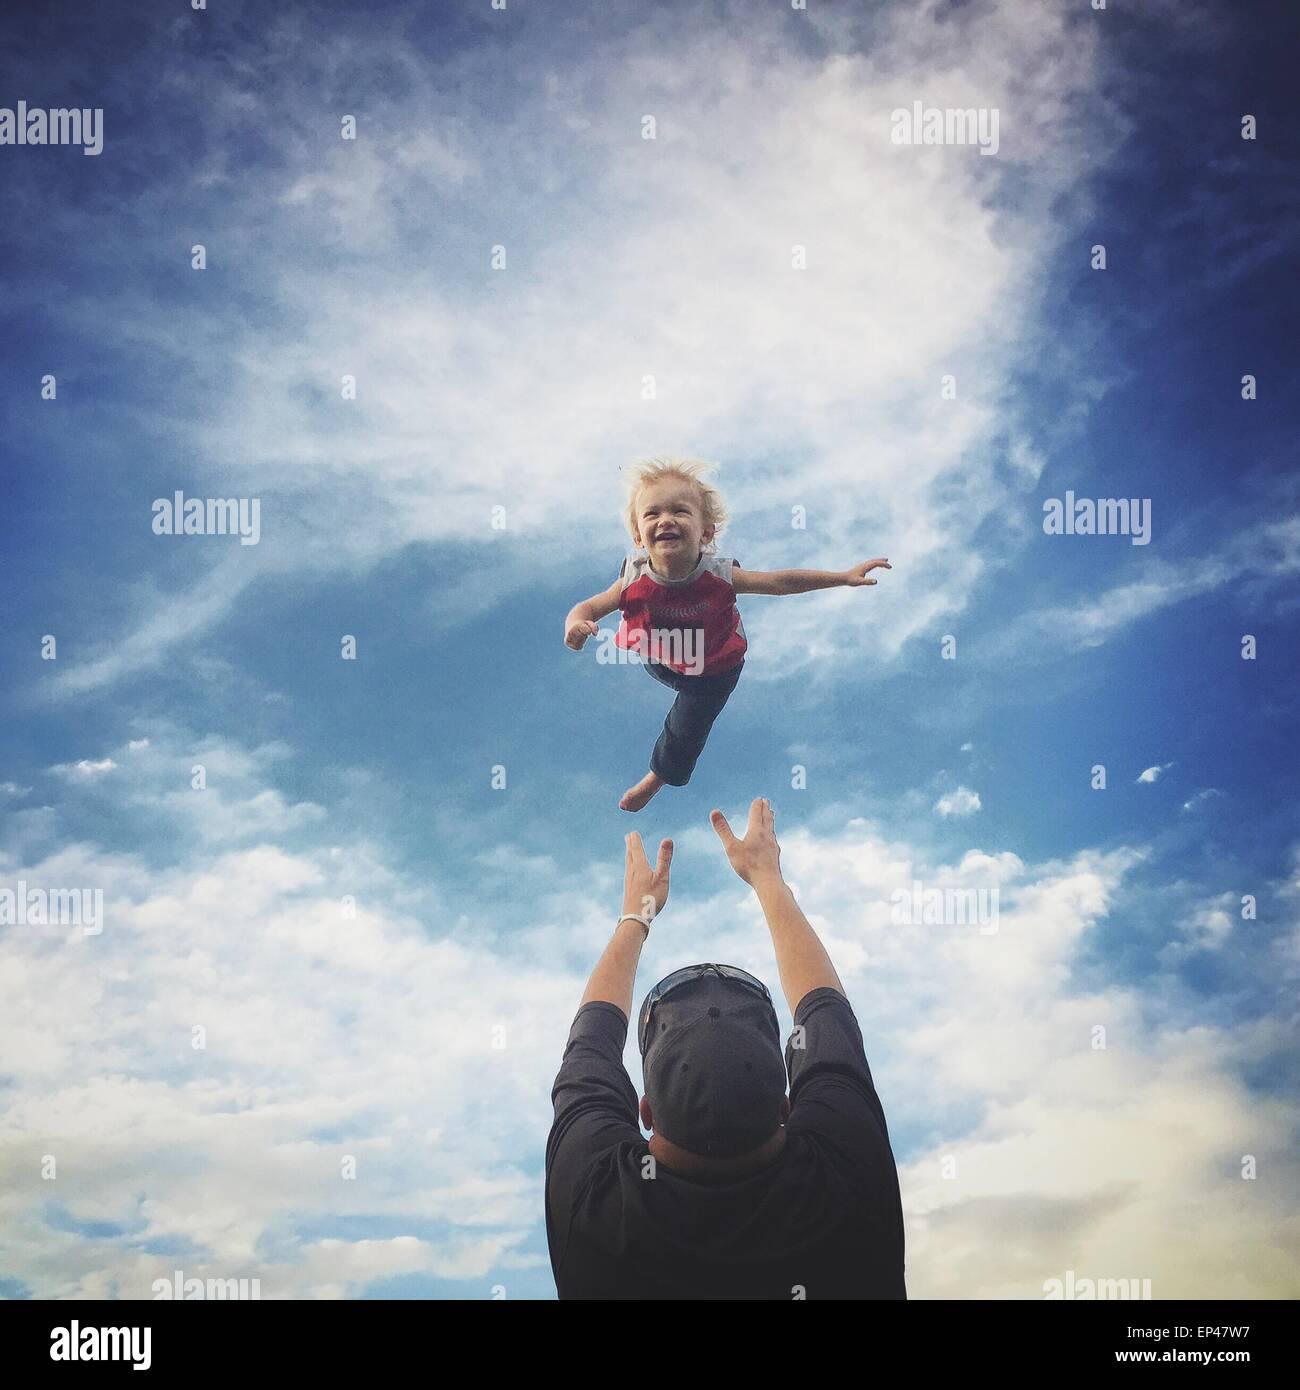 Padre lanzar a su hijo en el aire Imagen De Stock